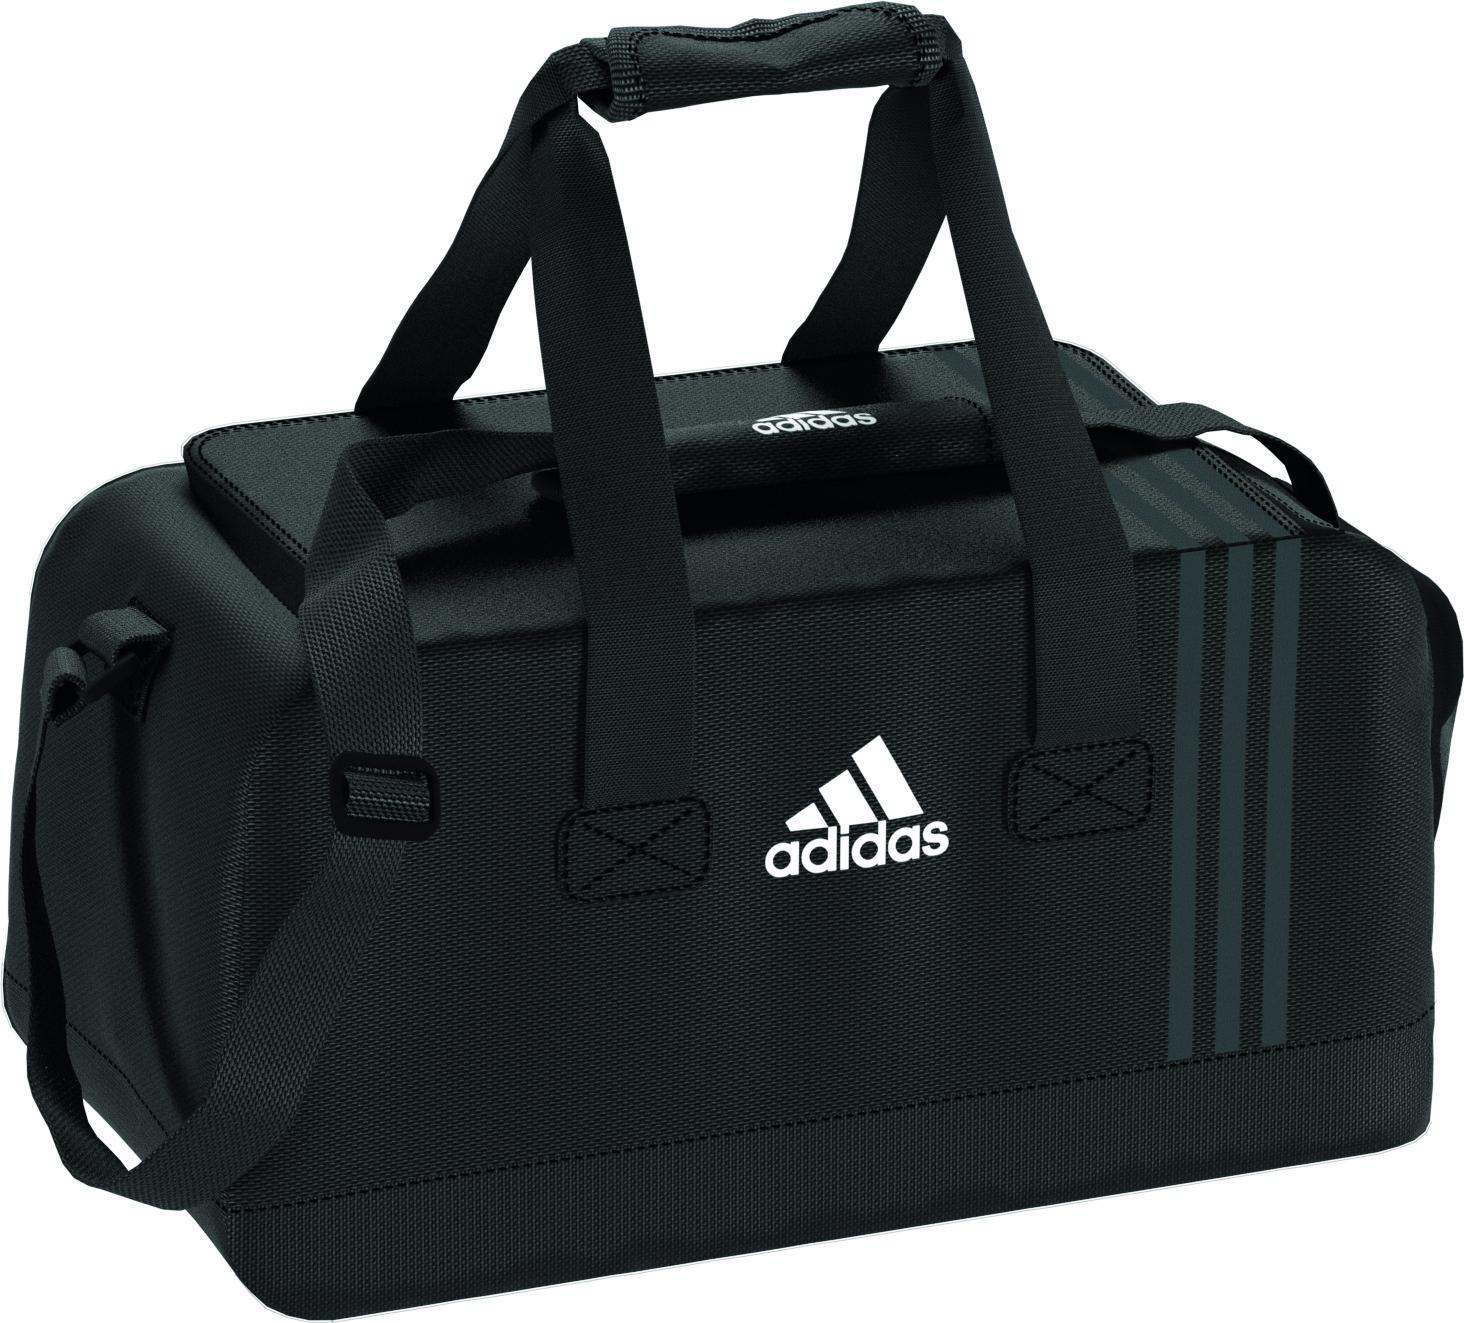 0bfd5138fa1c9 adidas TIRO TEAM TASCHE S schwarz Equipment Sporttaschen